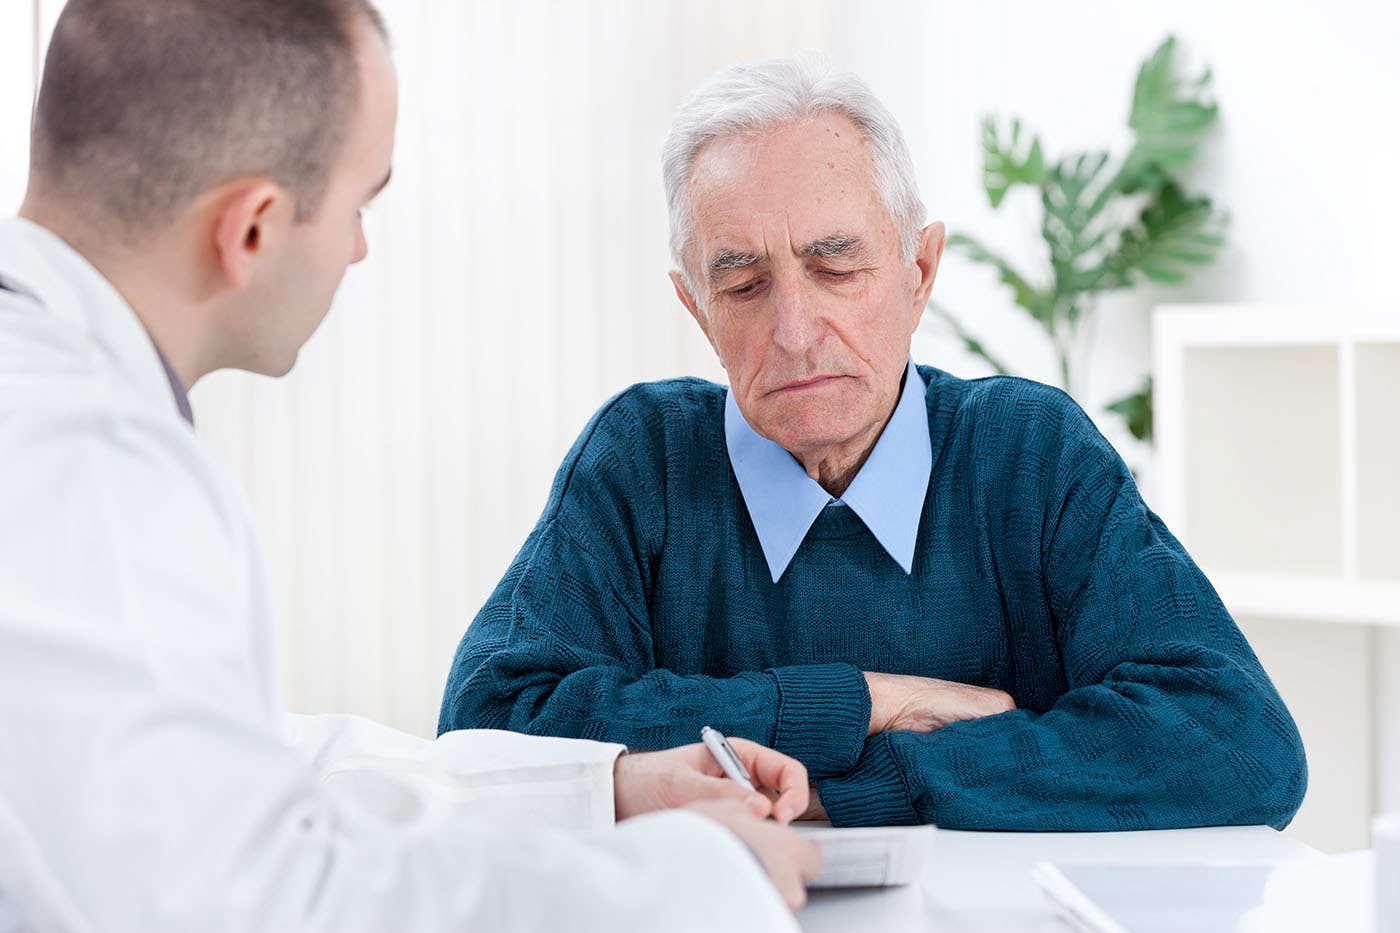 Bolile de inimă ar putea fi identificate înainte de apariția simptomelor